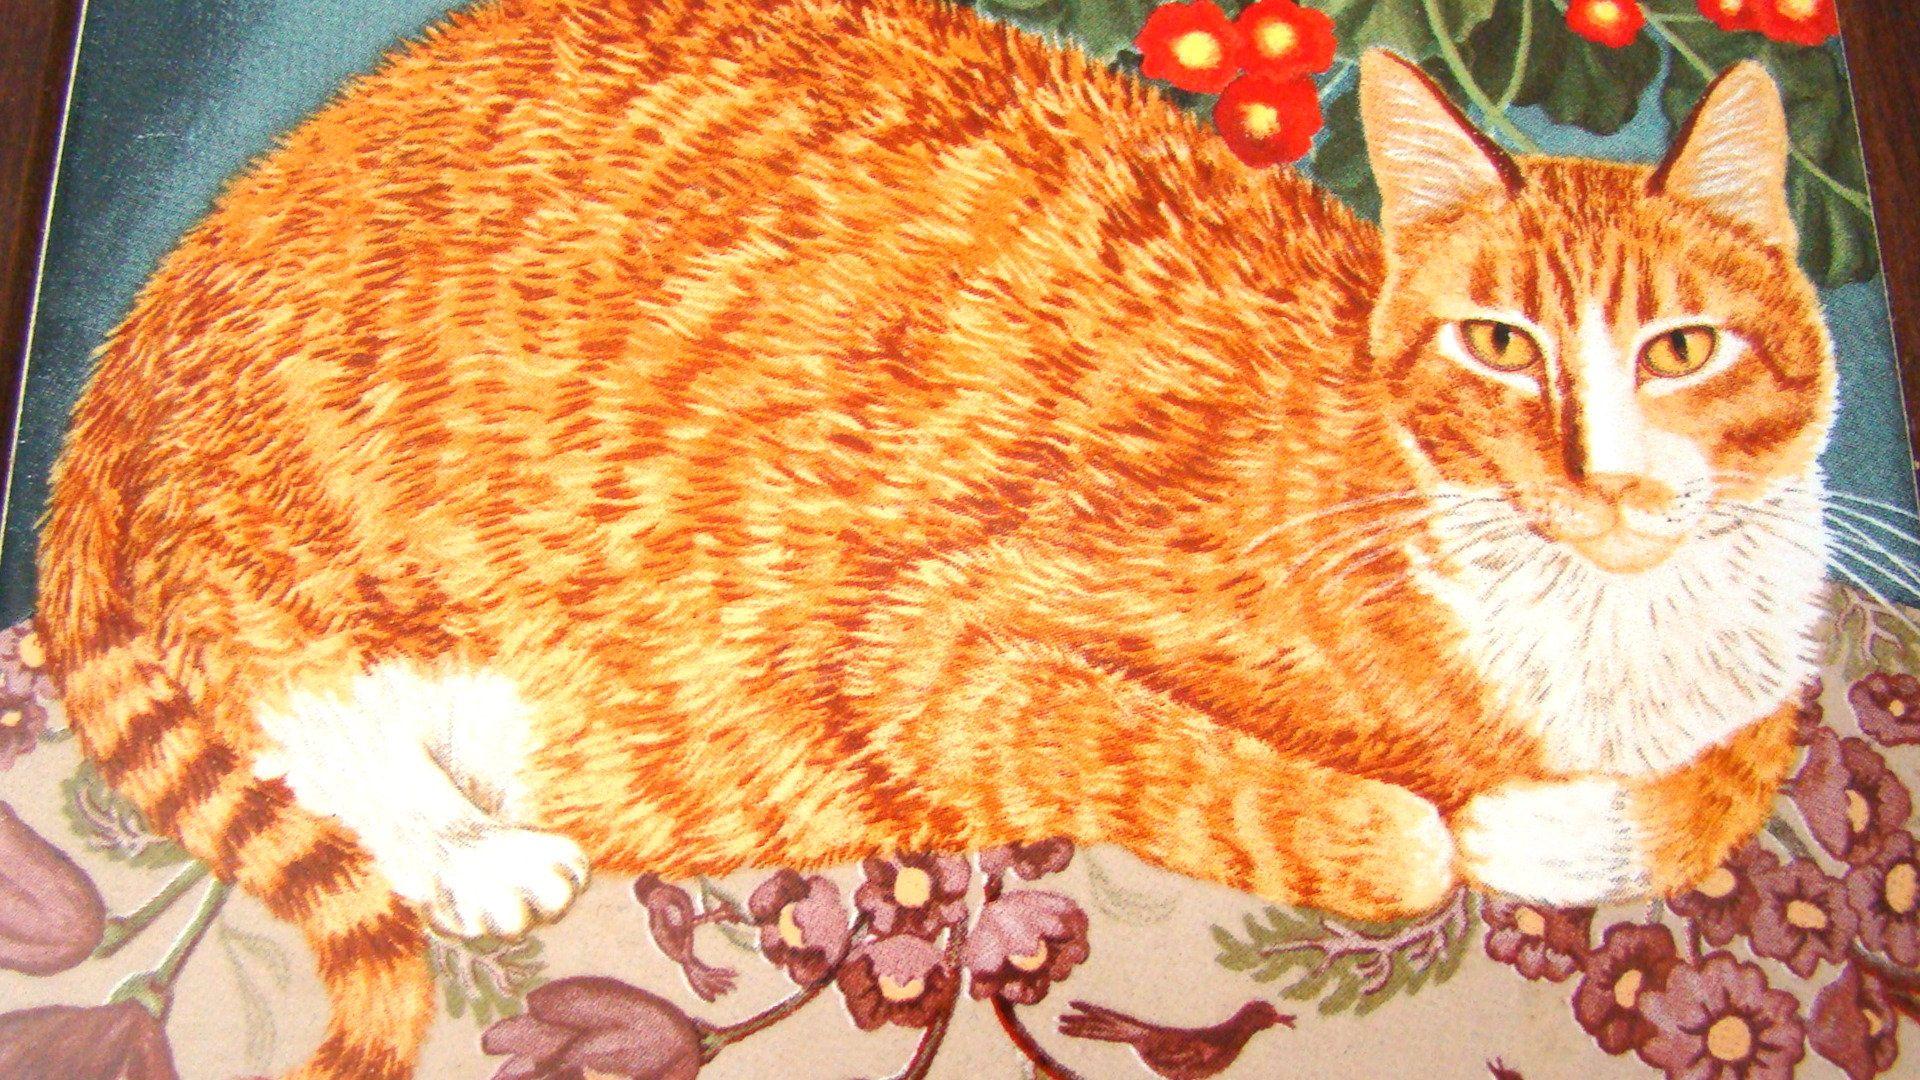 1989 Avon Cat Trivet Mimi Vang Olsen Artist Orange Tabby